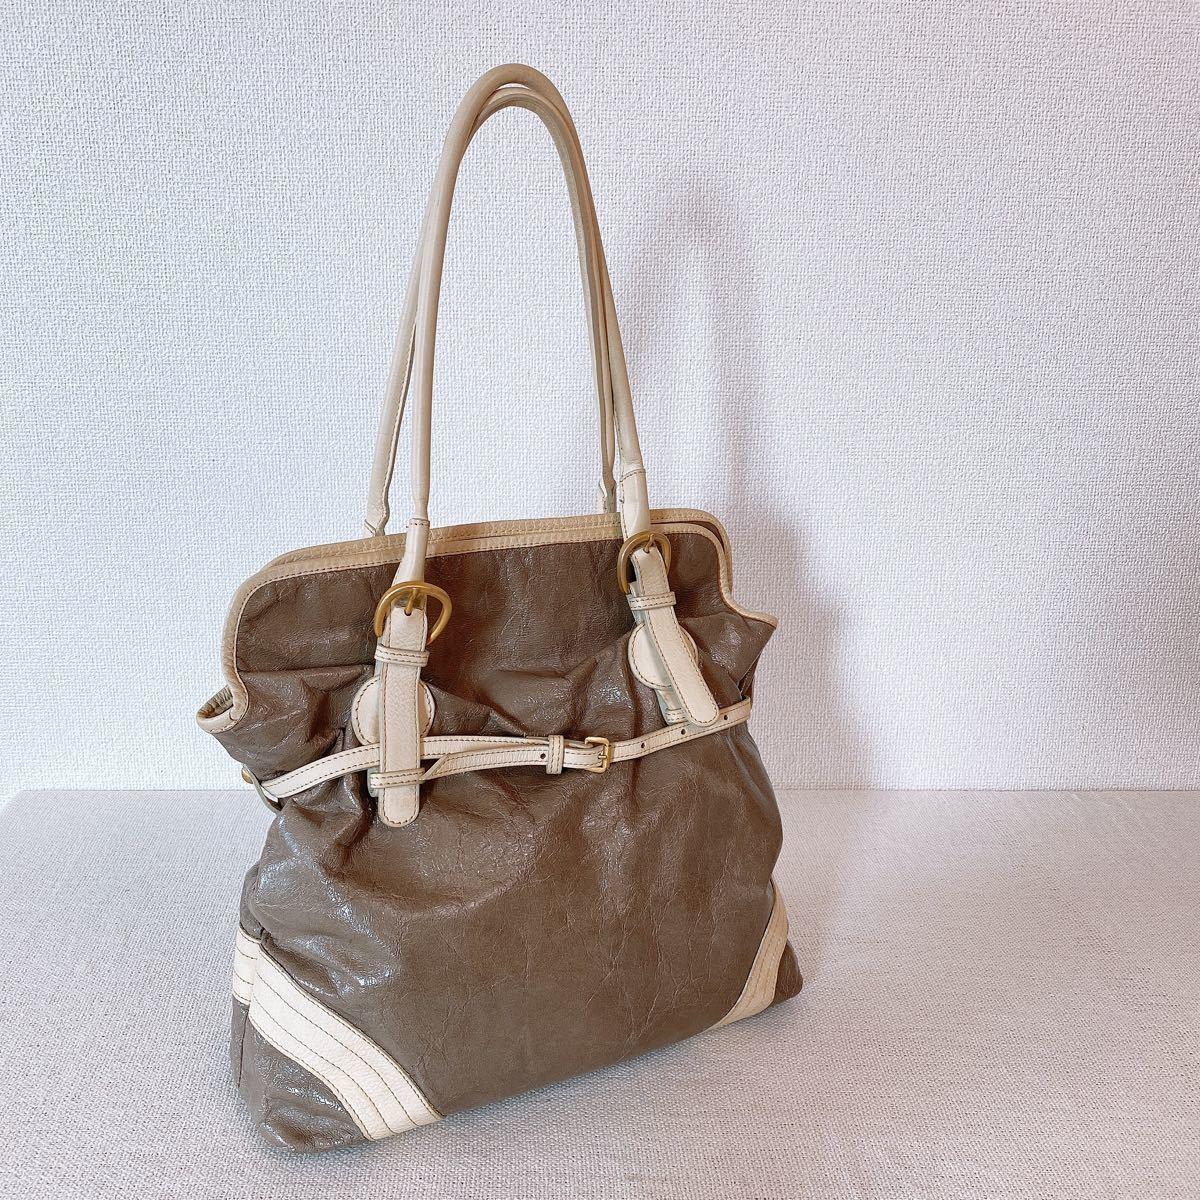 ショルダーバッグ イタリア製 高級革ブランド ジャマイカ JAMAICA BAG ベージュ グレー ハンドバッグ トートバッグ